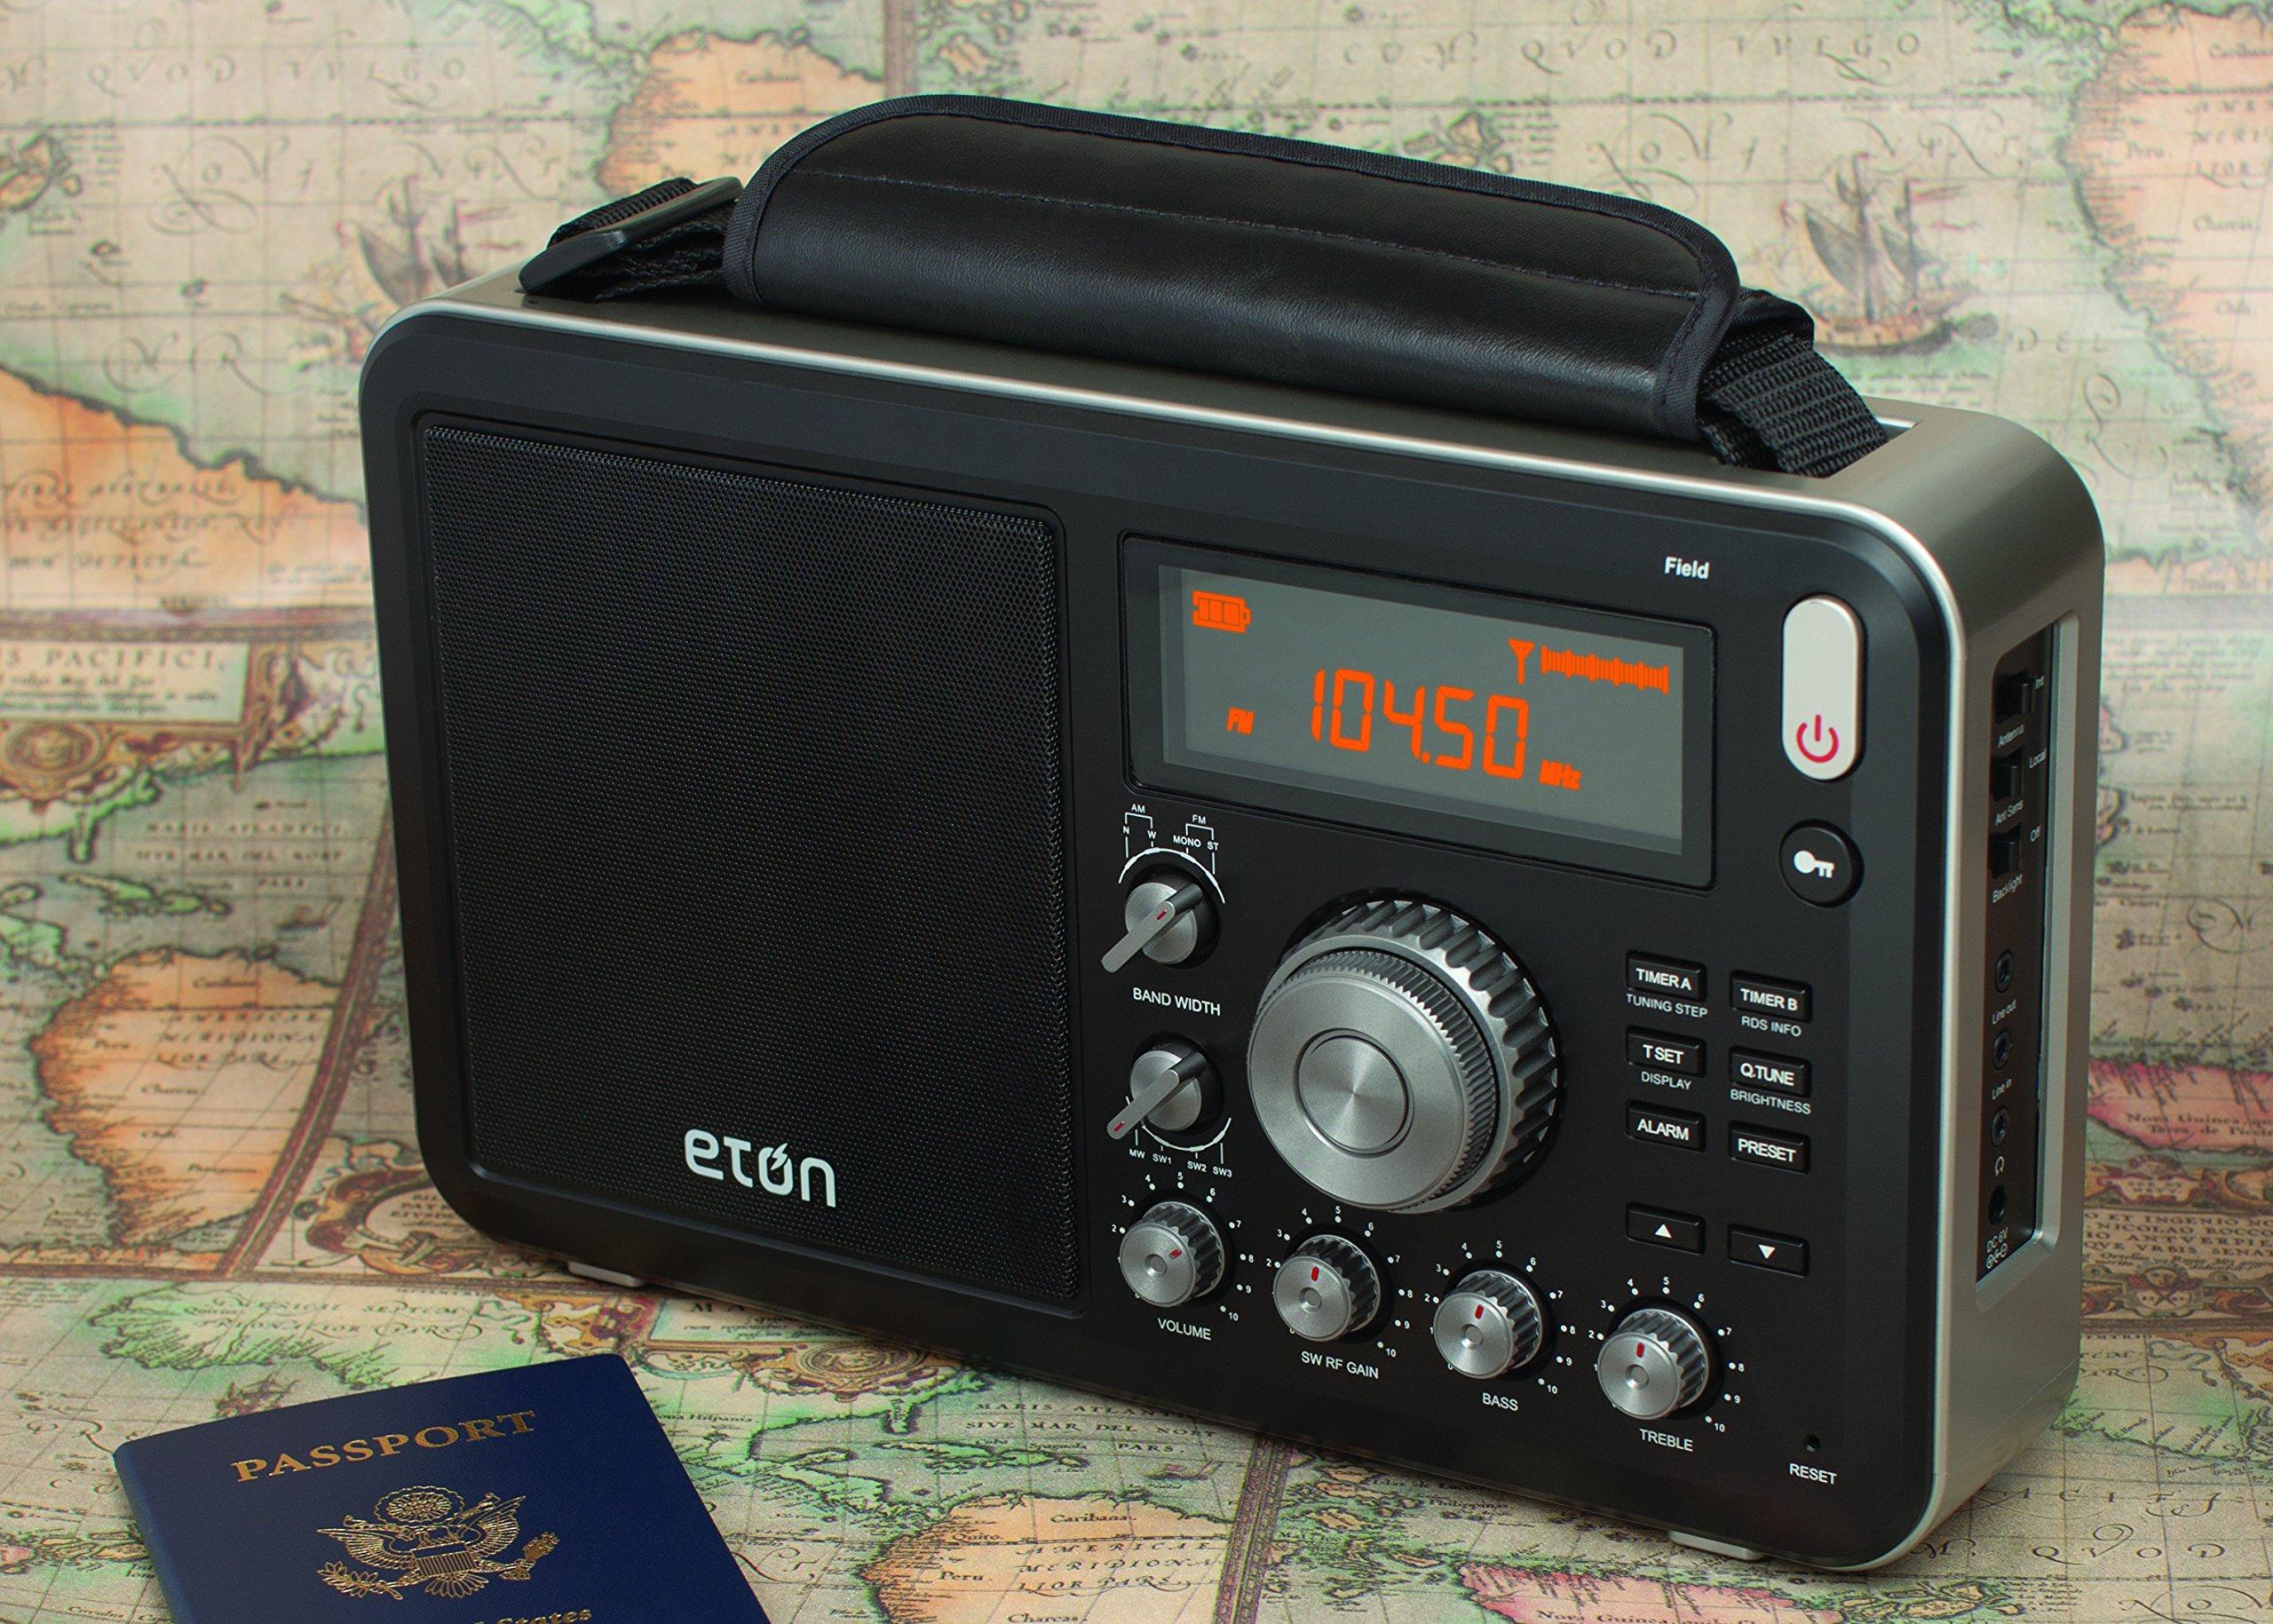 Eton Field AM / FM / Shortwave Radio with RDS, NGWFB